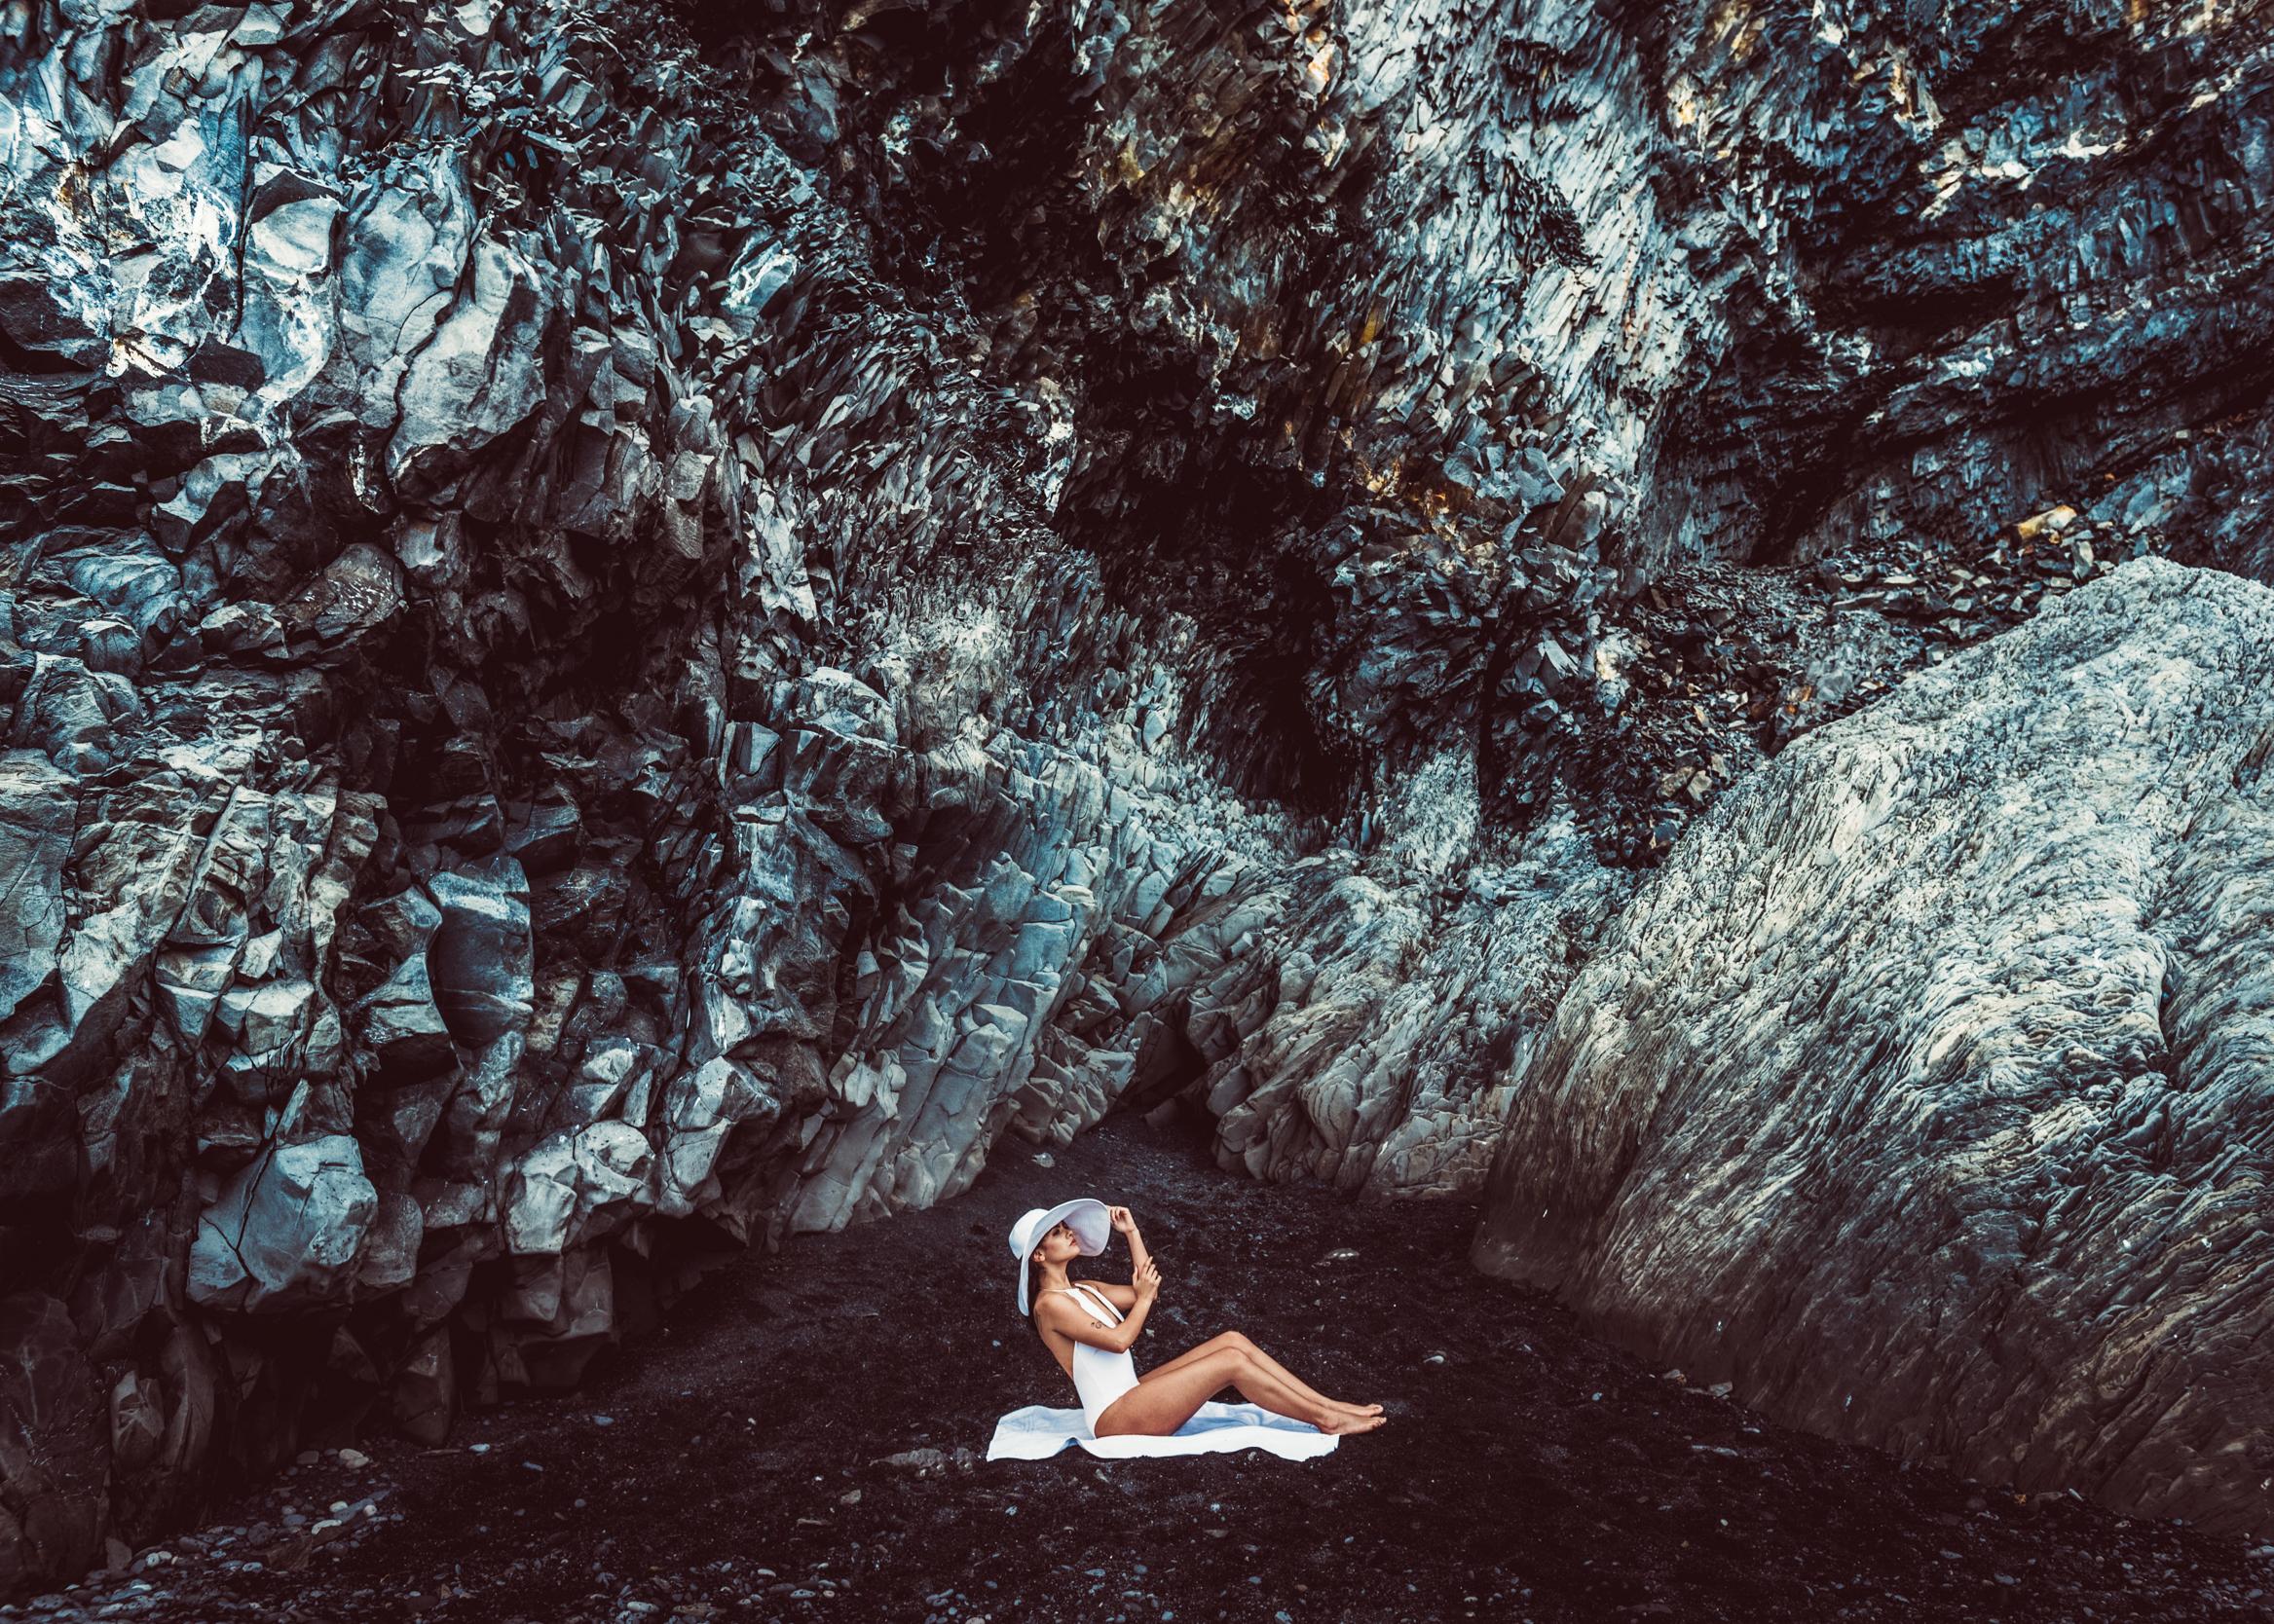 Bathing In Strange Places I